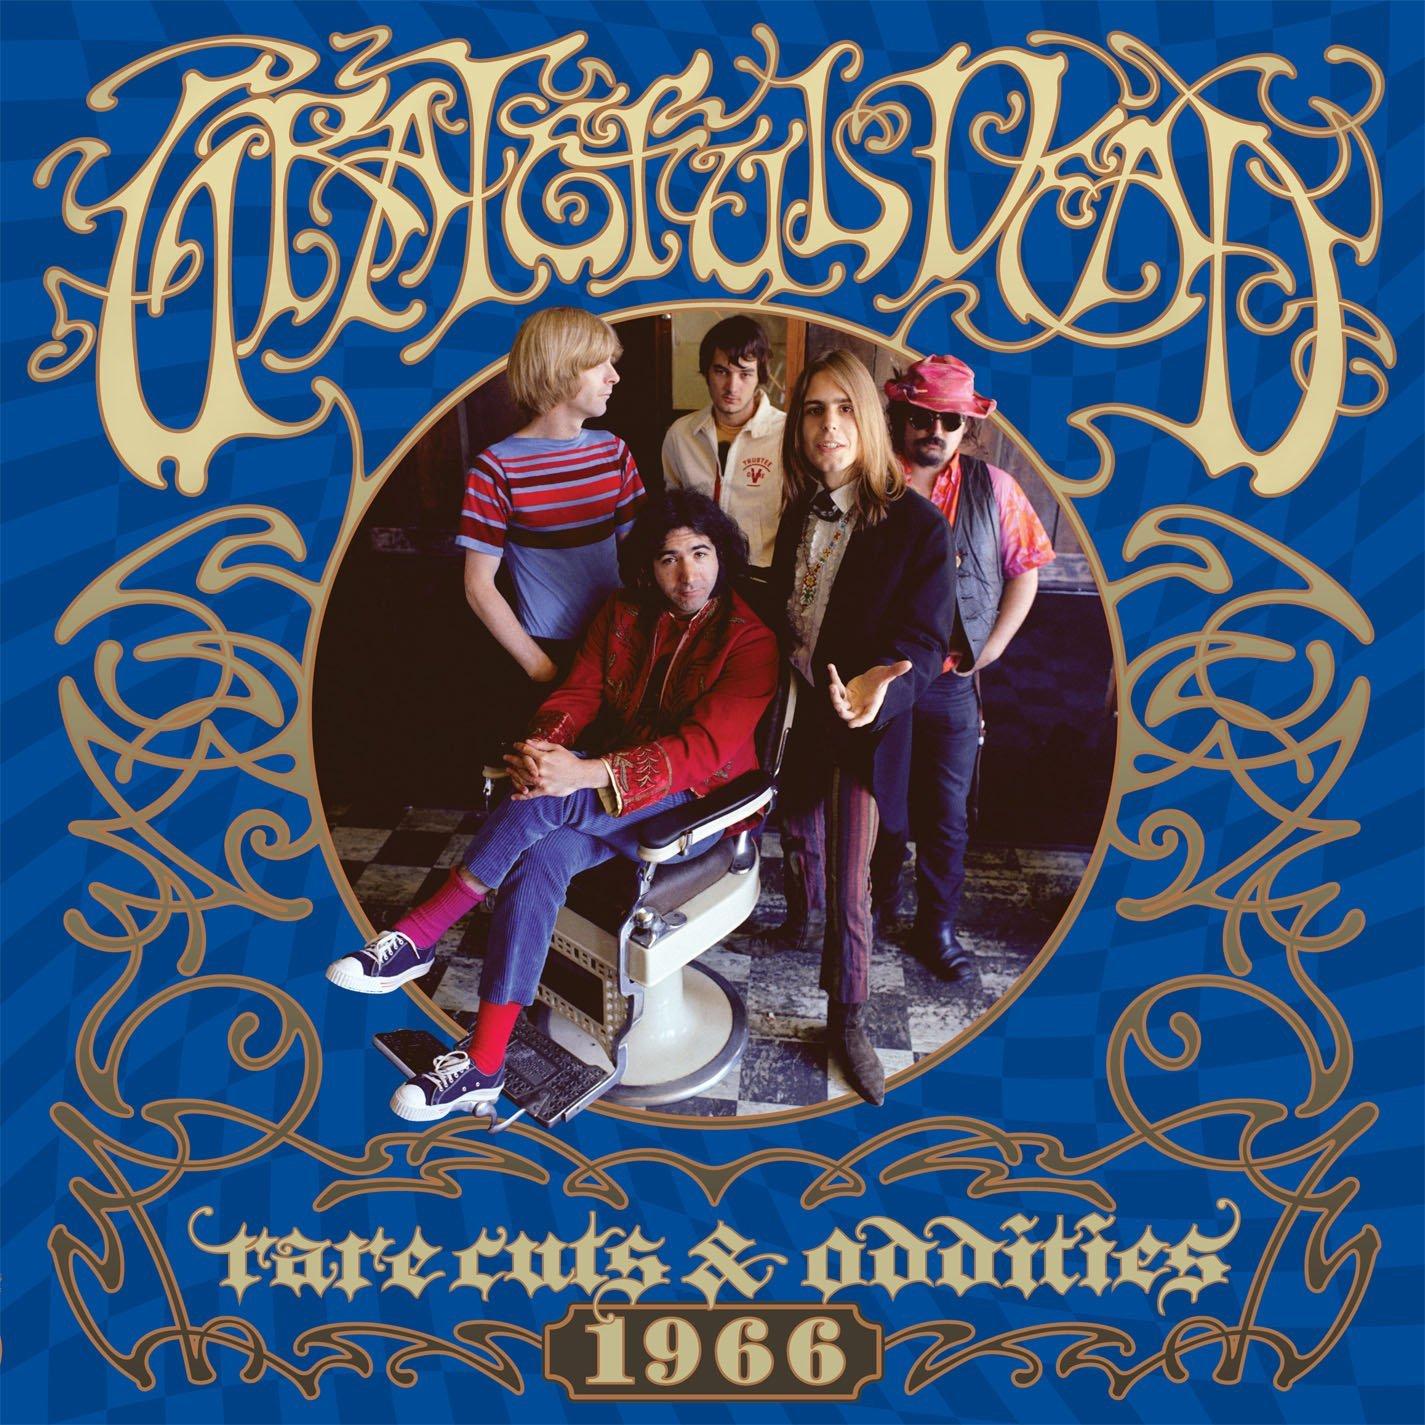 grateful-dead-rare-cuts-1966-cover